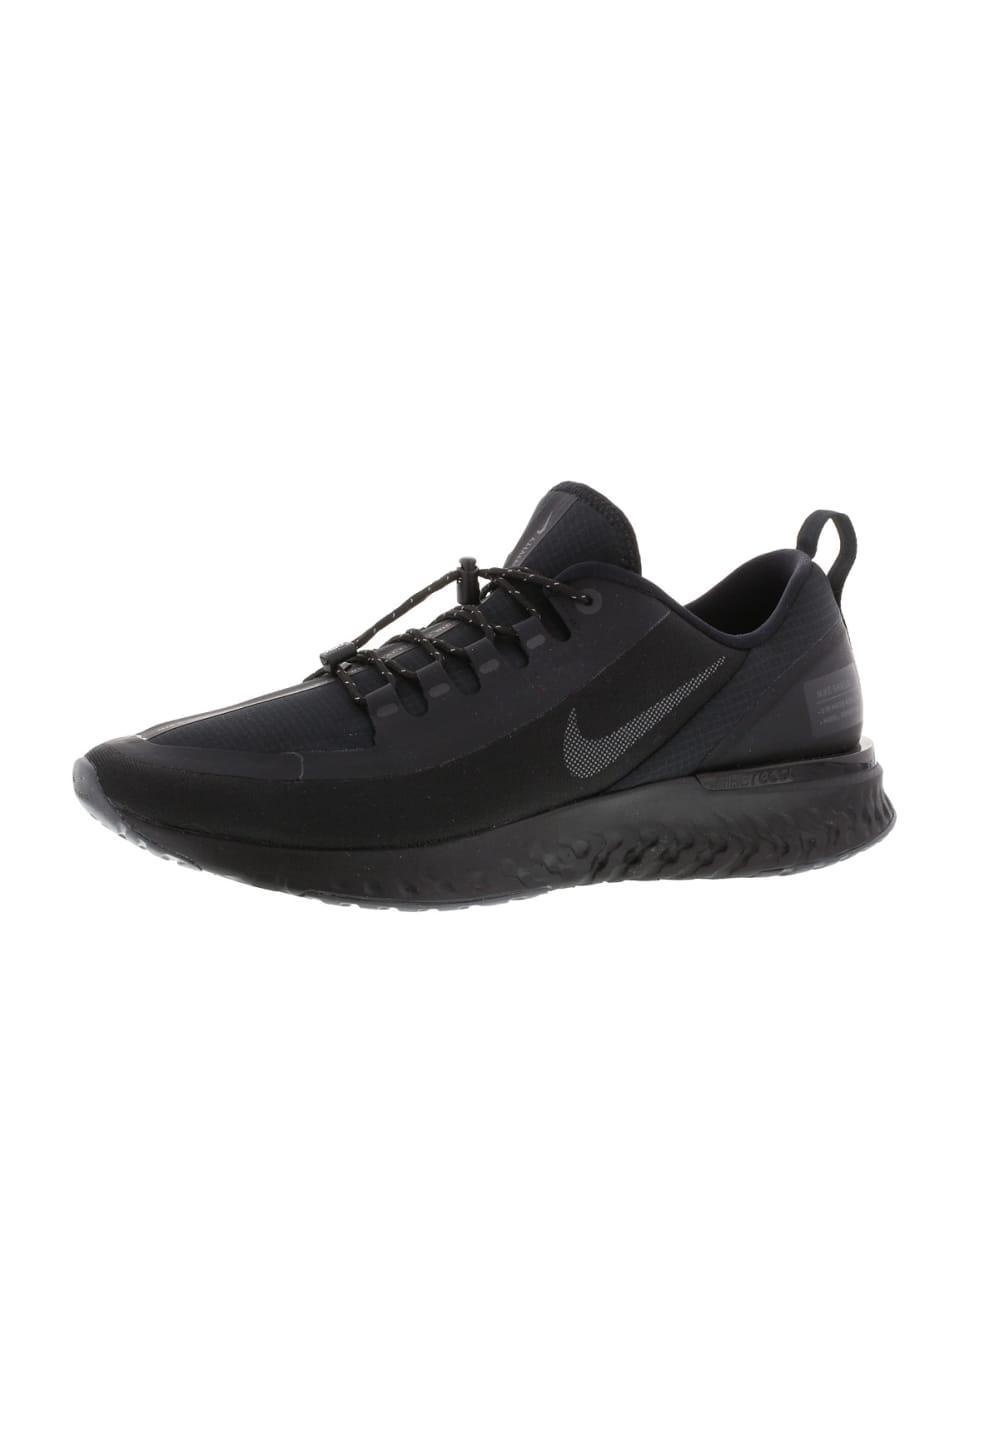 c75f7c458d328 Next. -60%. Este producto está agotado en este momento. Nike. Odyssey React  Shield - Zapatillas de running para Hombre